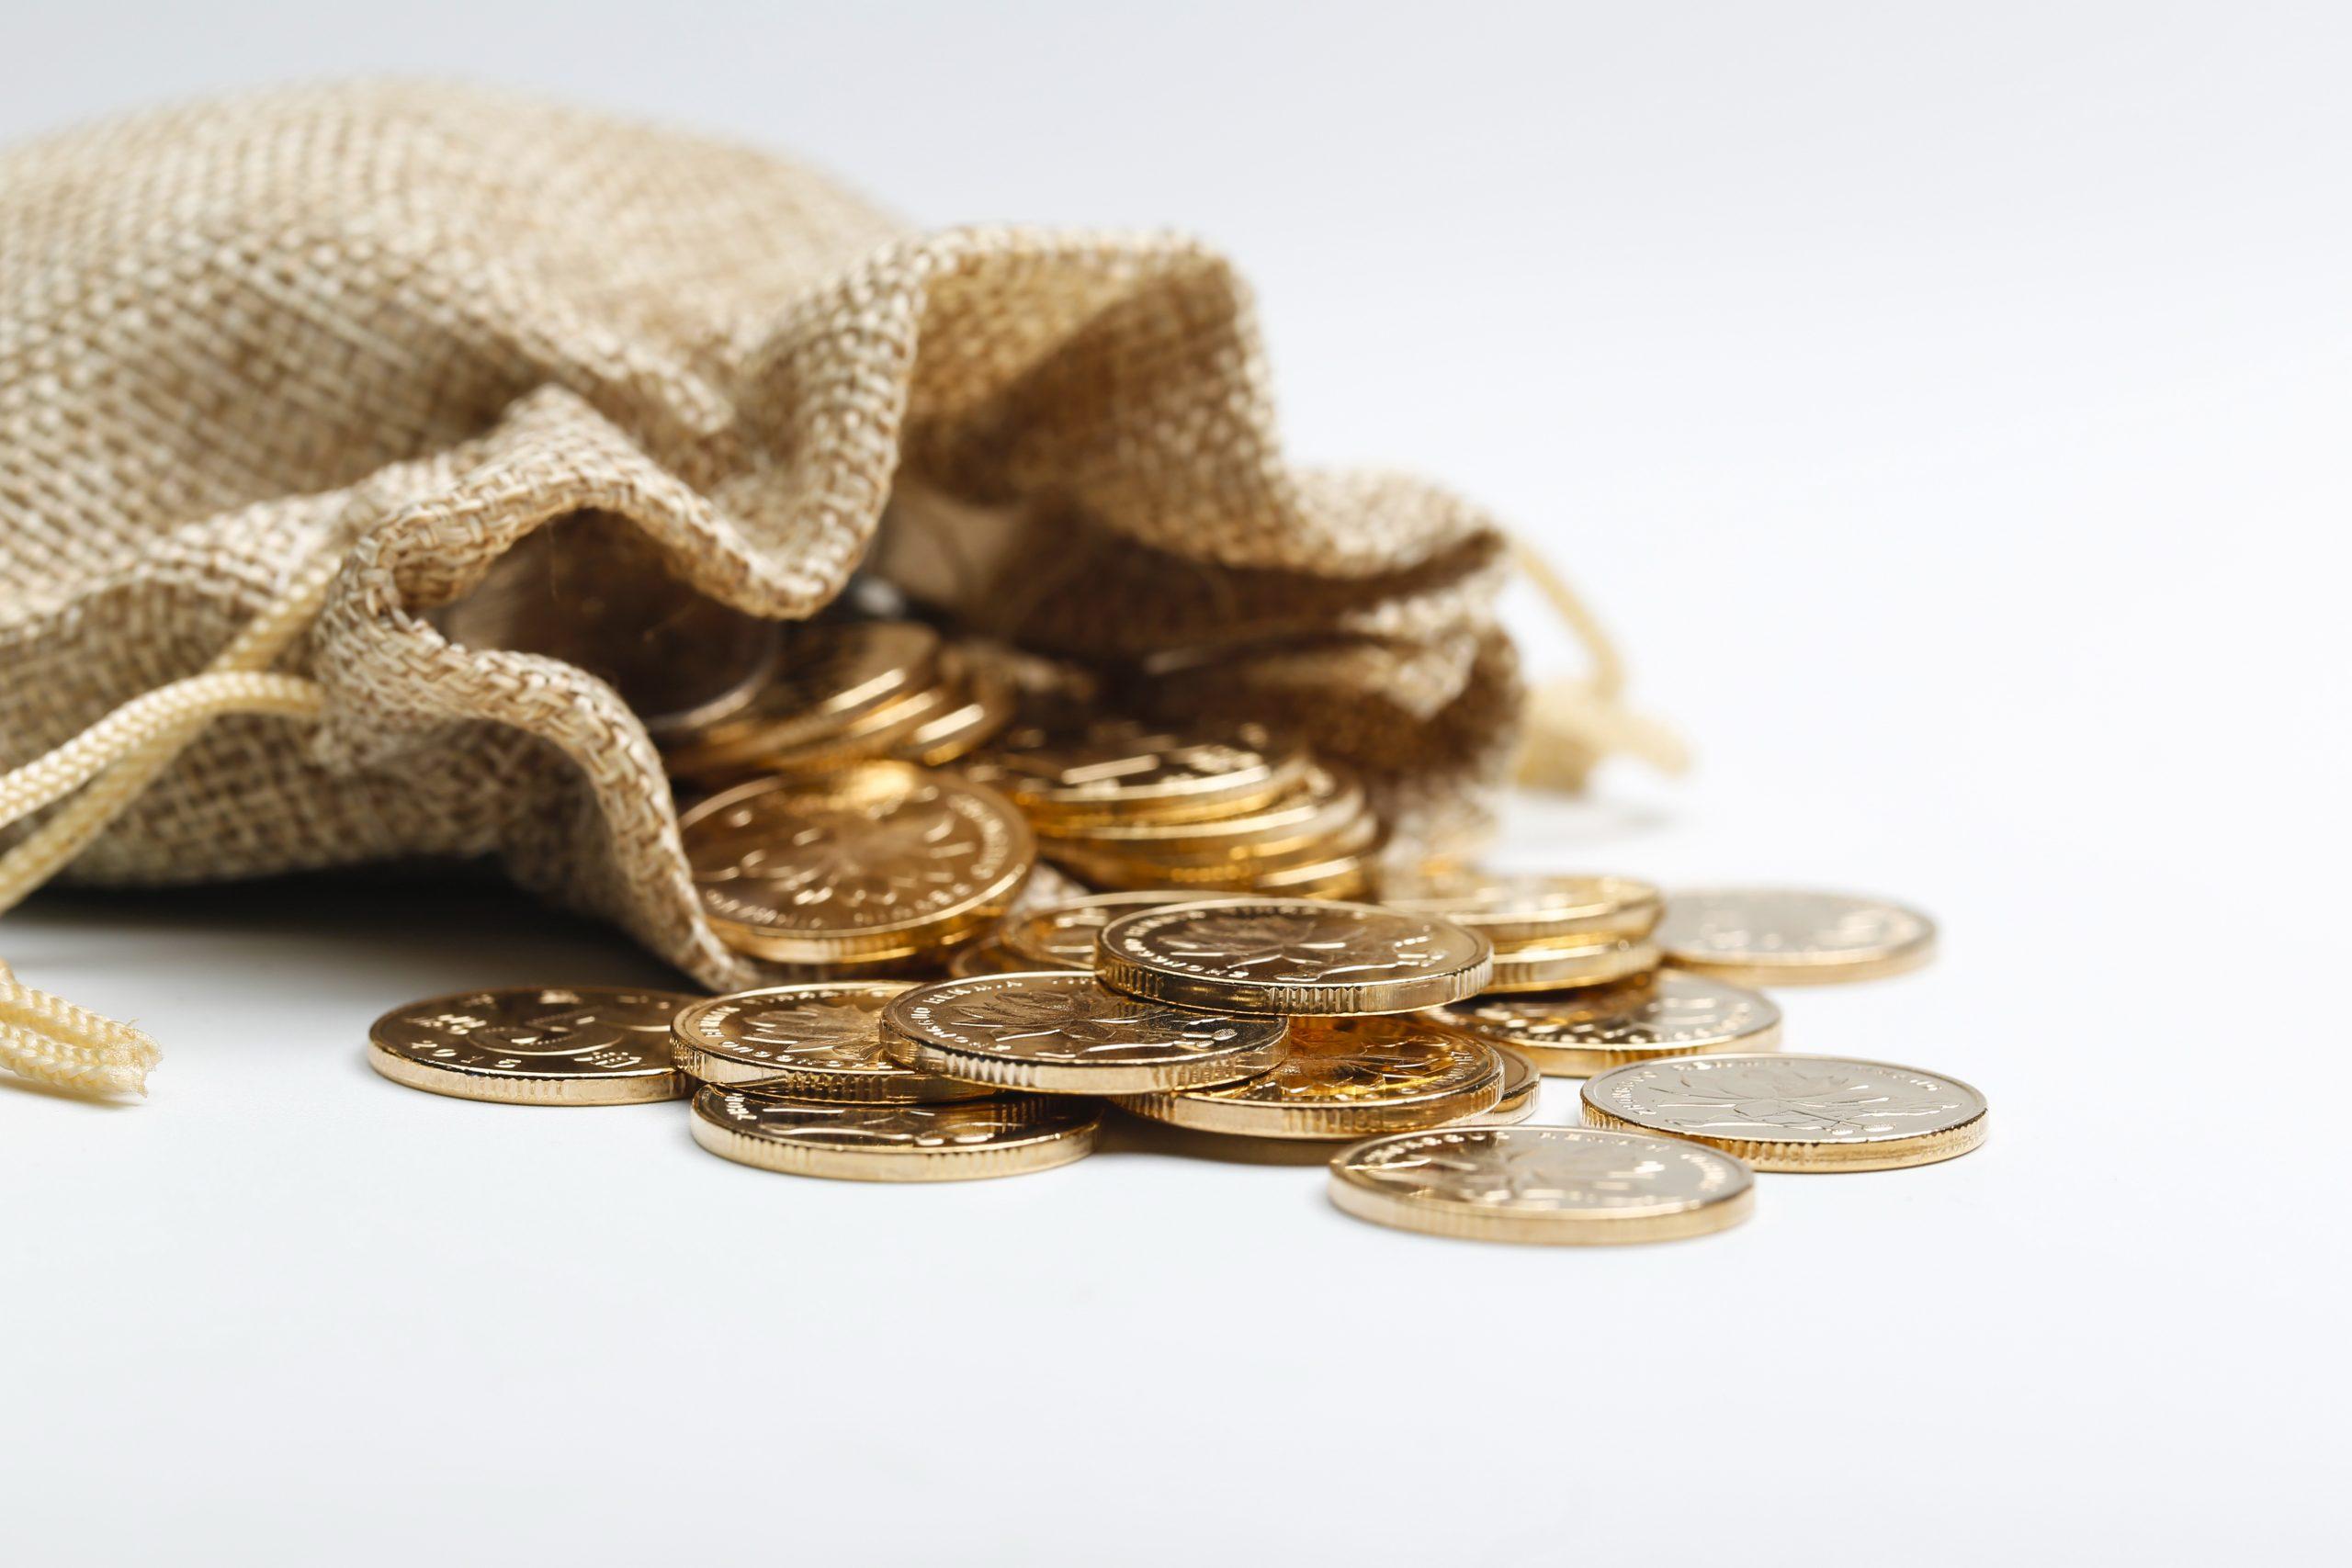 nešto niže cijene zlata